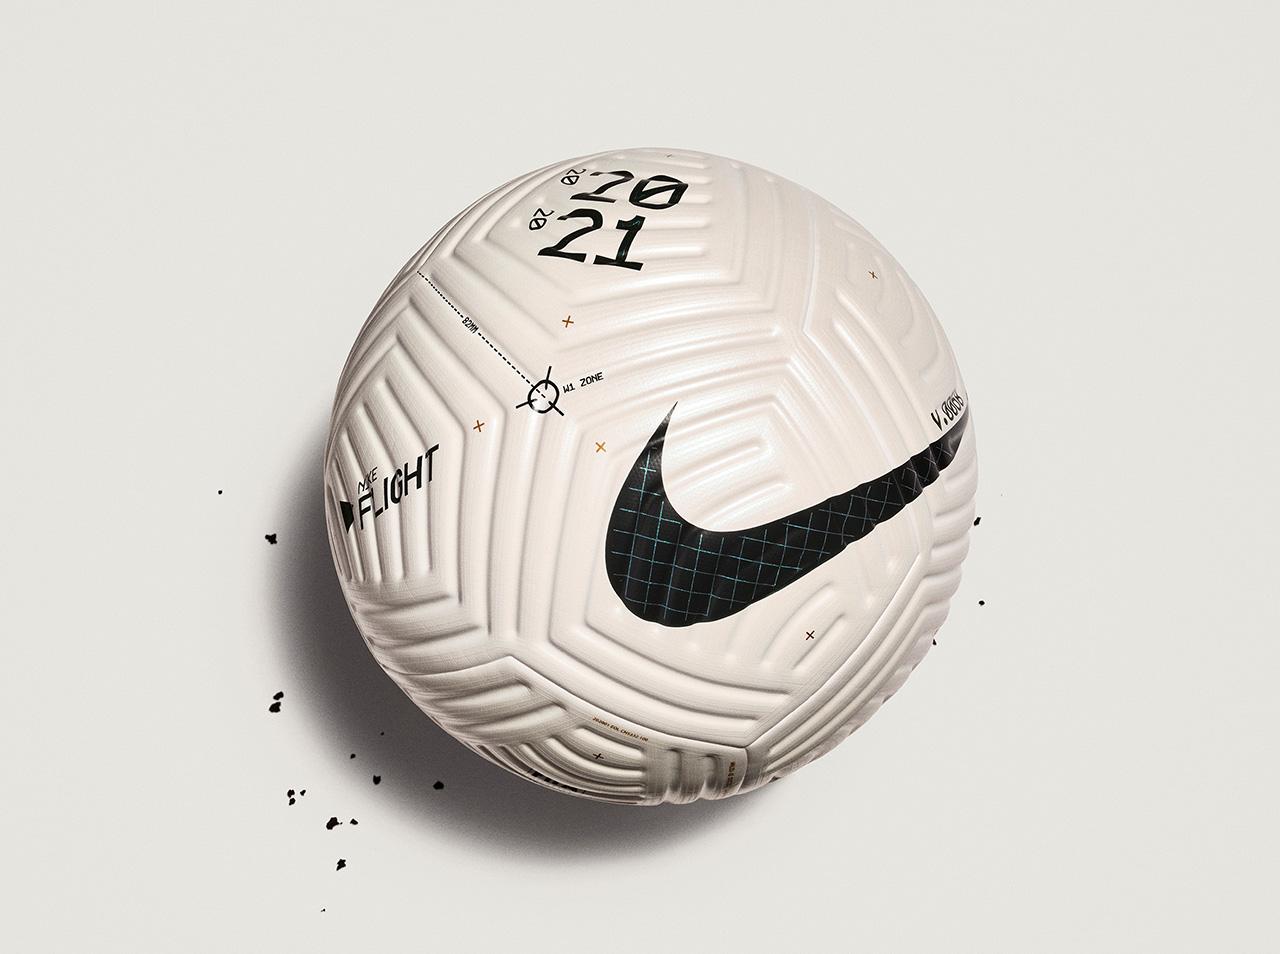 Bola Nike Flight: Uma revolução na aerodinâmica do futebol